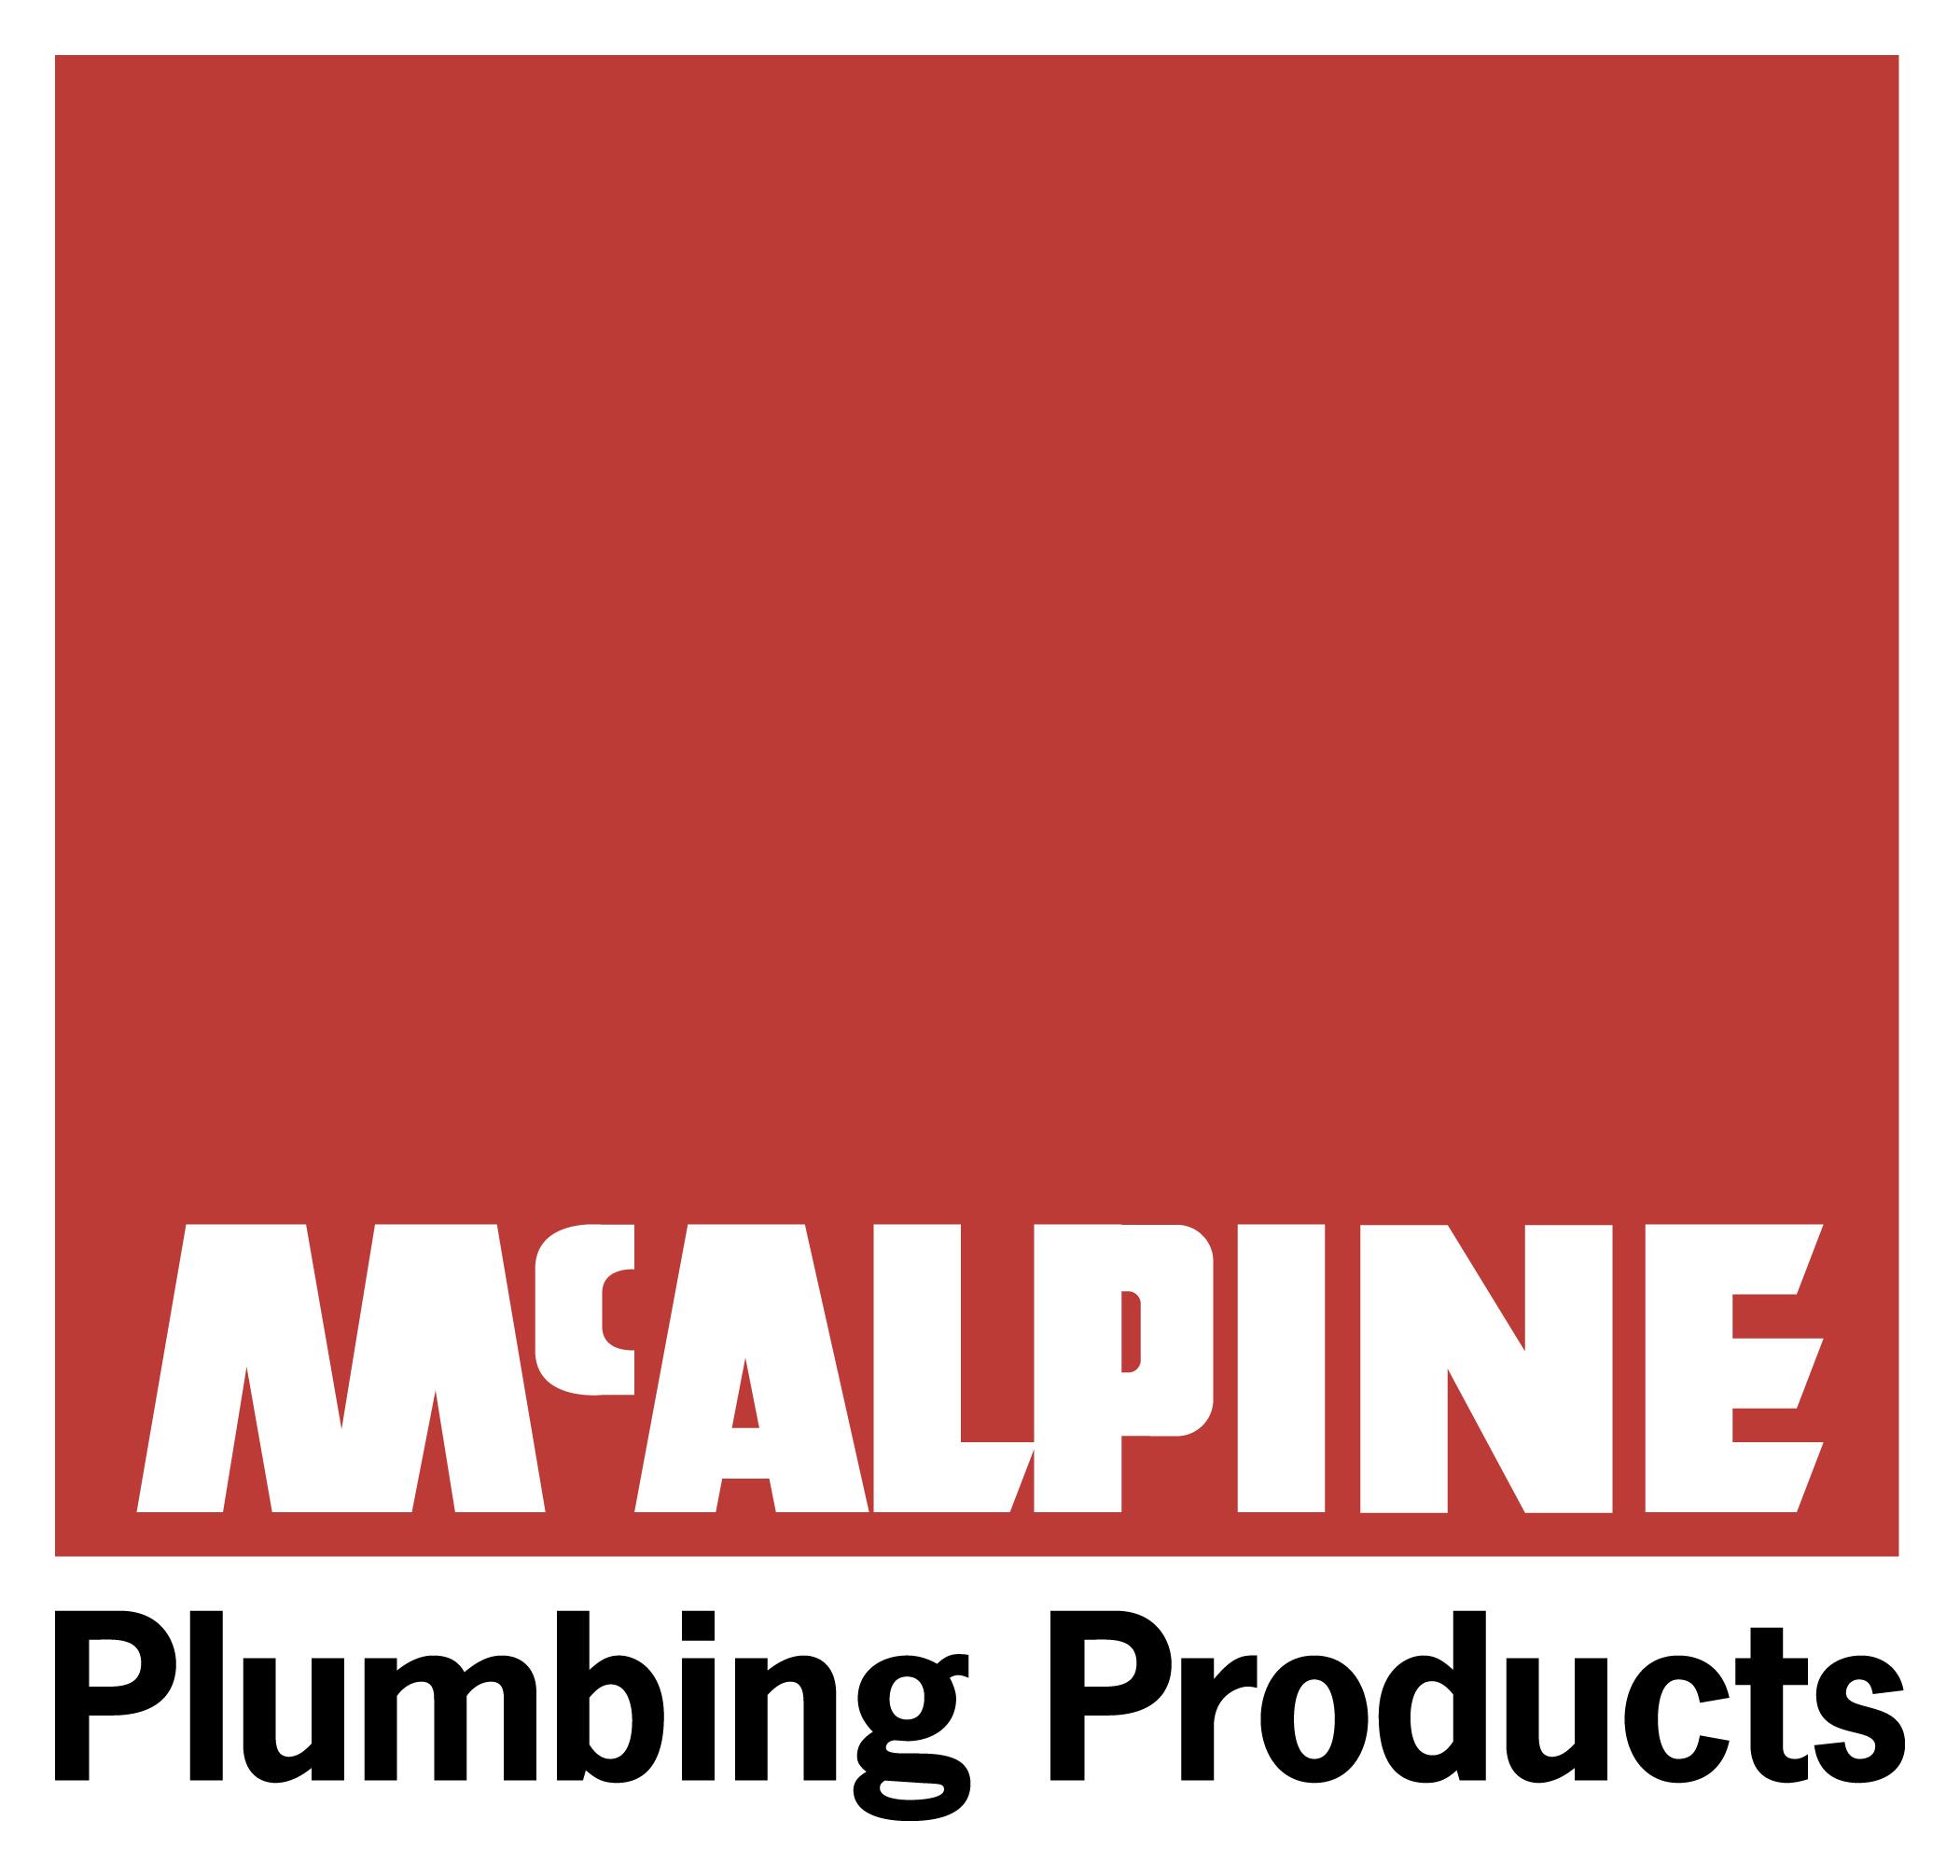 Mcapline